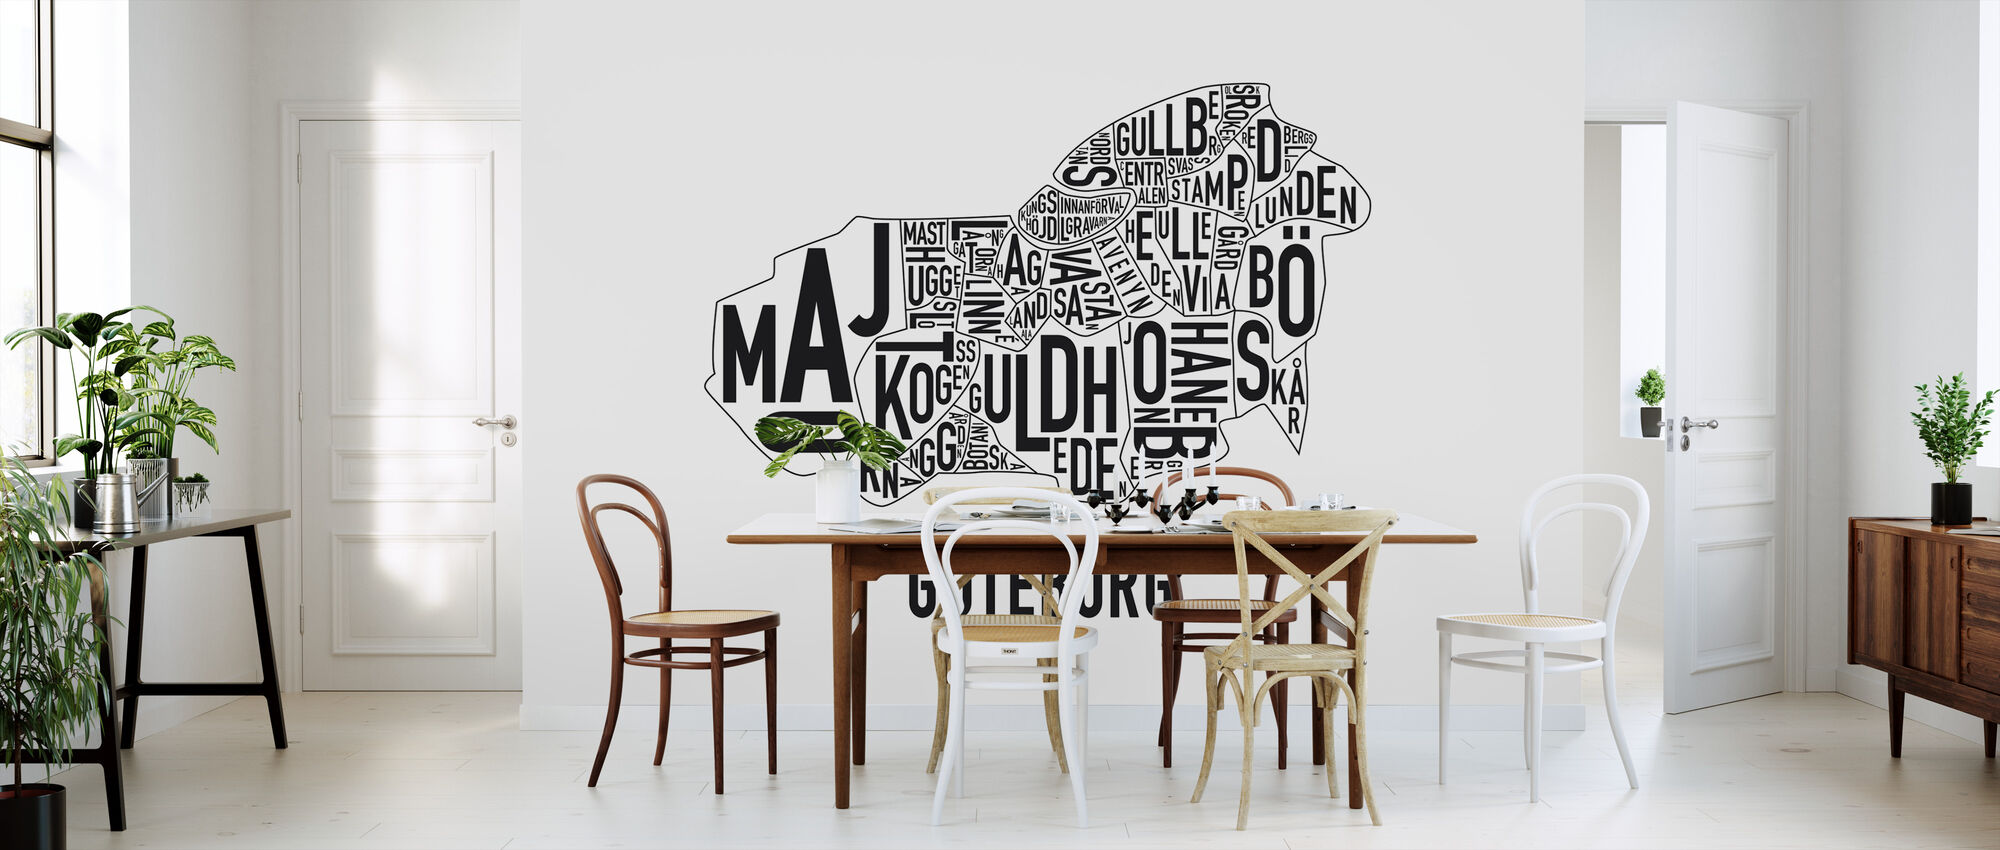 Gothenburg - Wallpaper - Kitchen